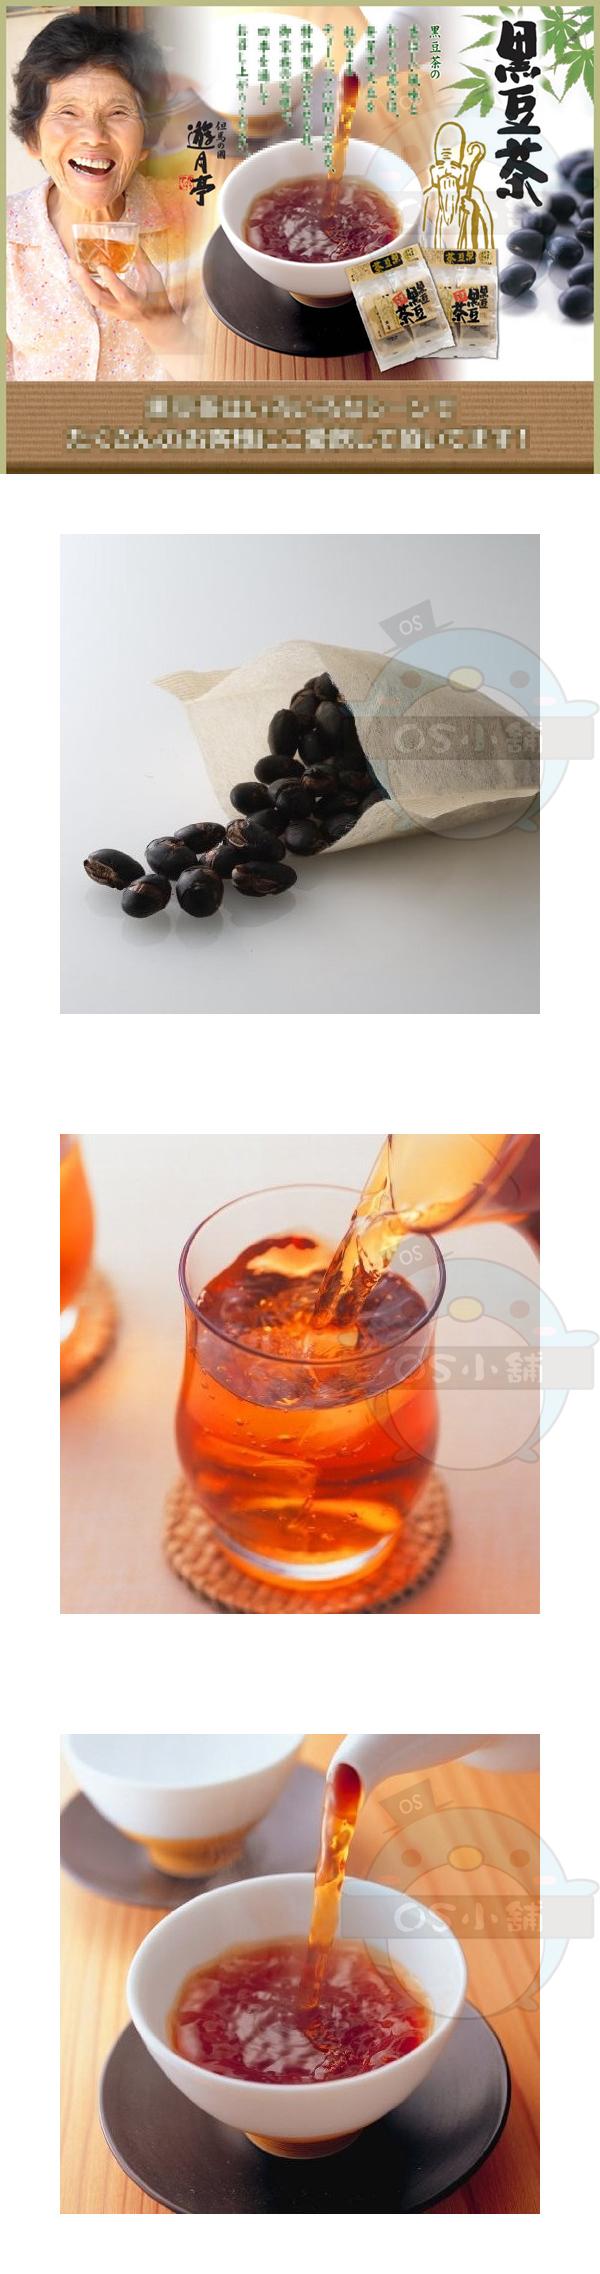 遊月亭黑豆茶